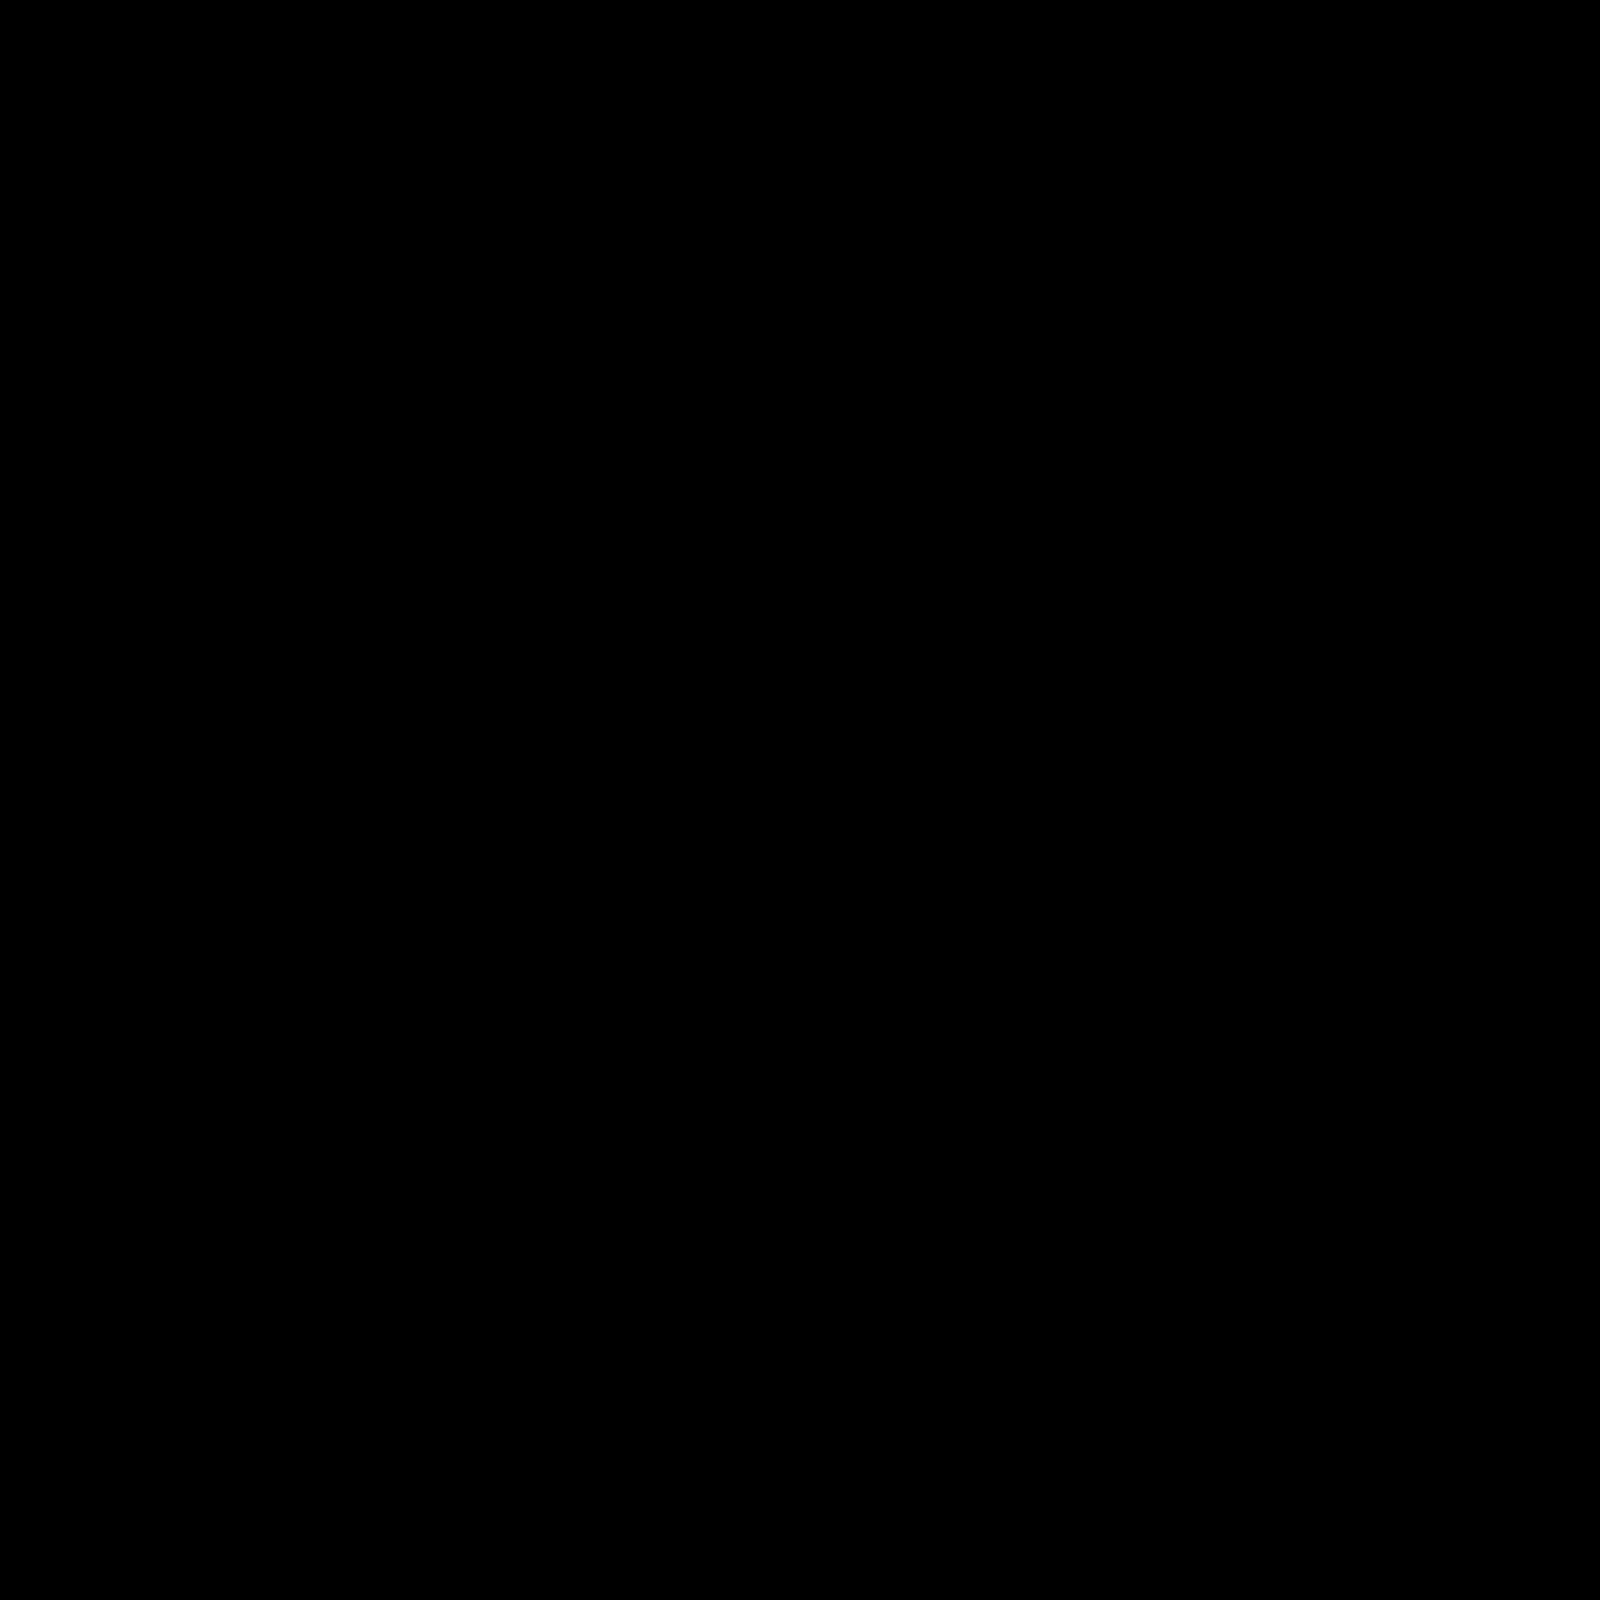 物差し icon. The ruler icon is a rectangular shape icon with lines on onside. There are four smaller lines,  which represents centimeters. There are also three longer lines that are about double the length of the centimeter lines and the longer line represents inches.